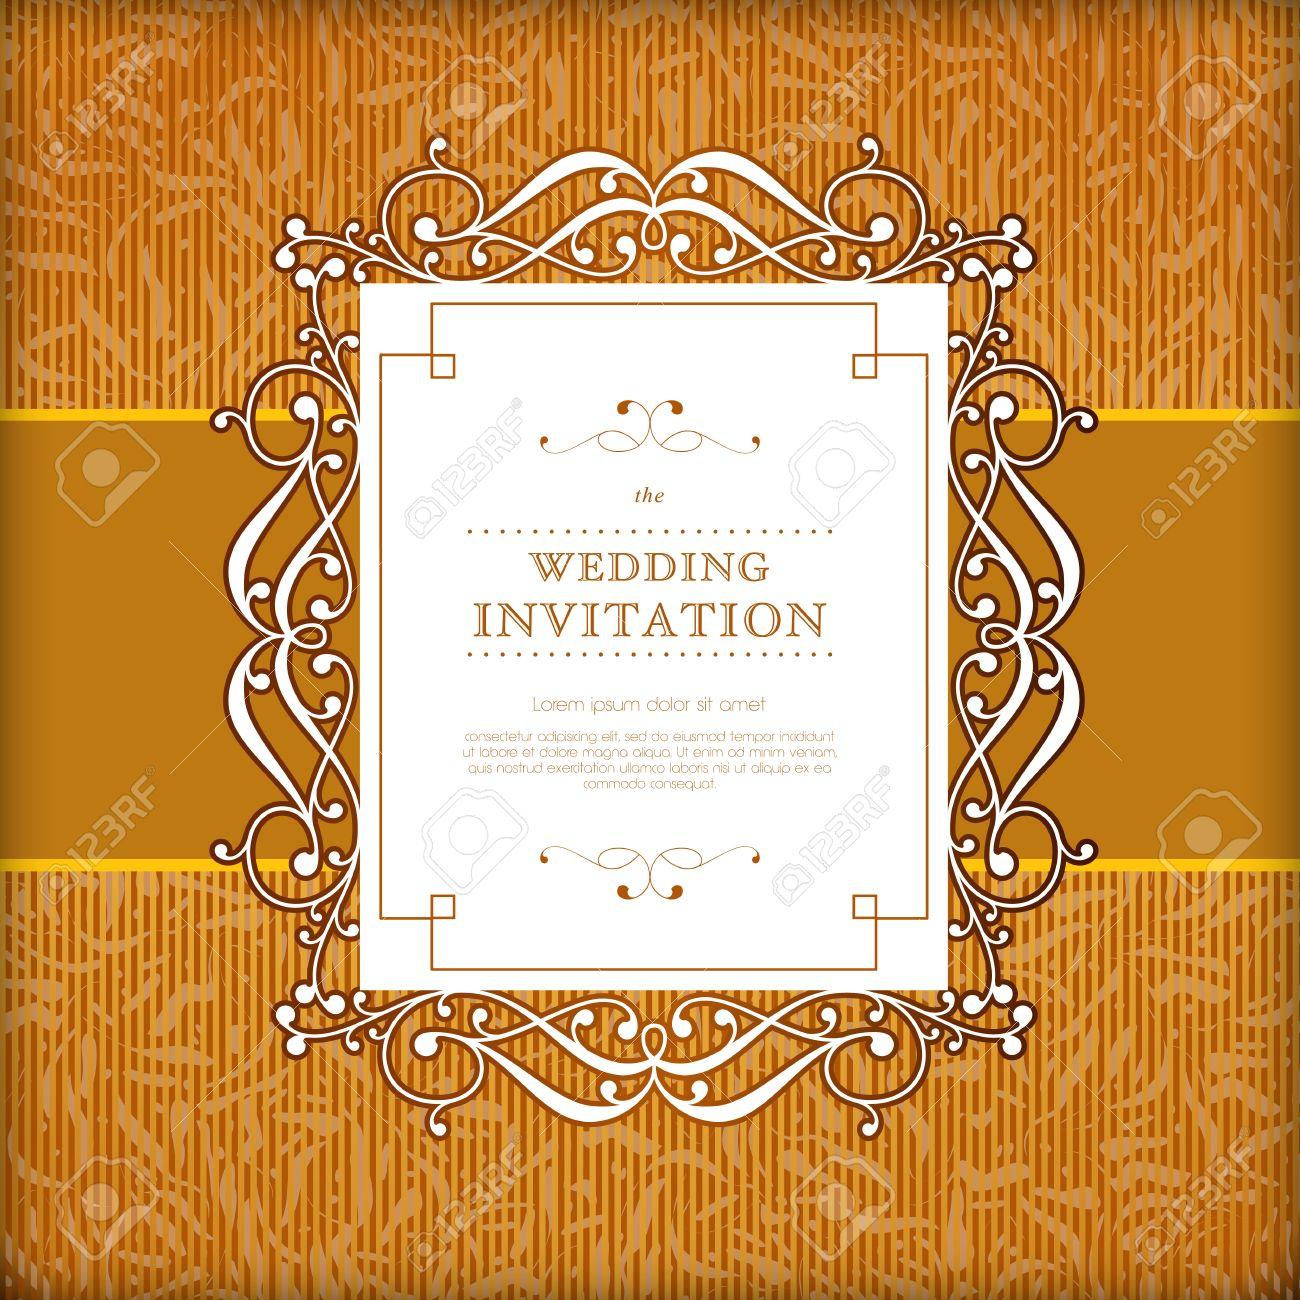 Elegant Vintage Royal Background Victorian Gold Ornament Wedding